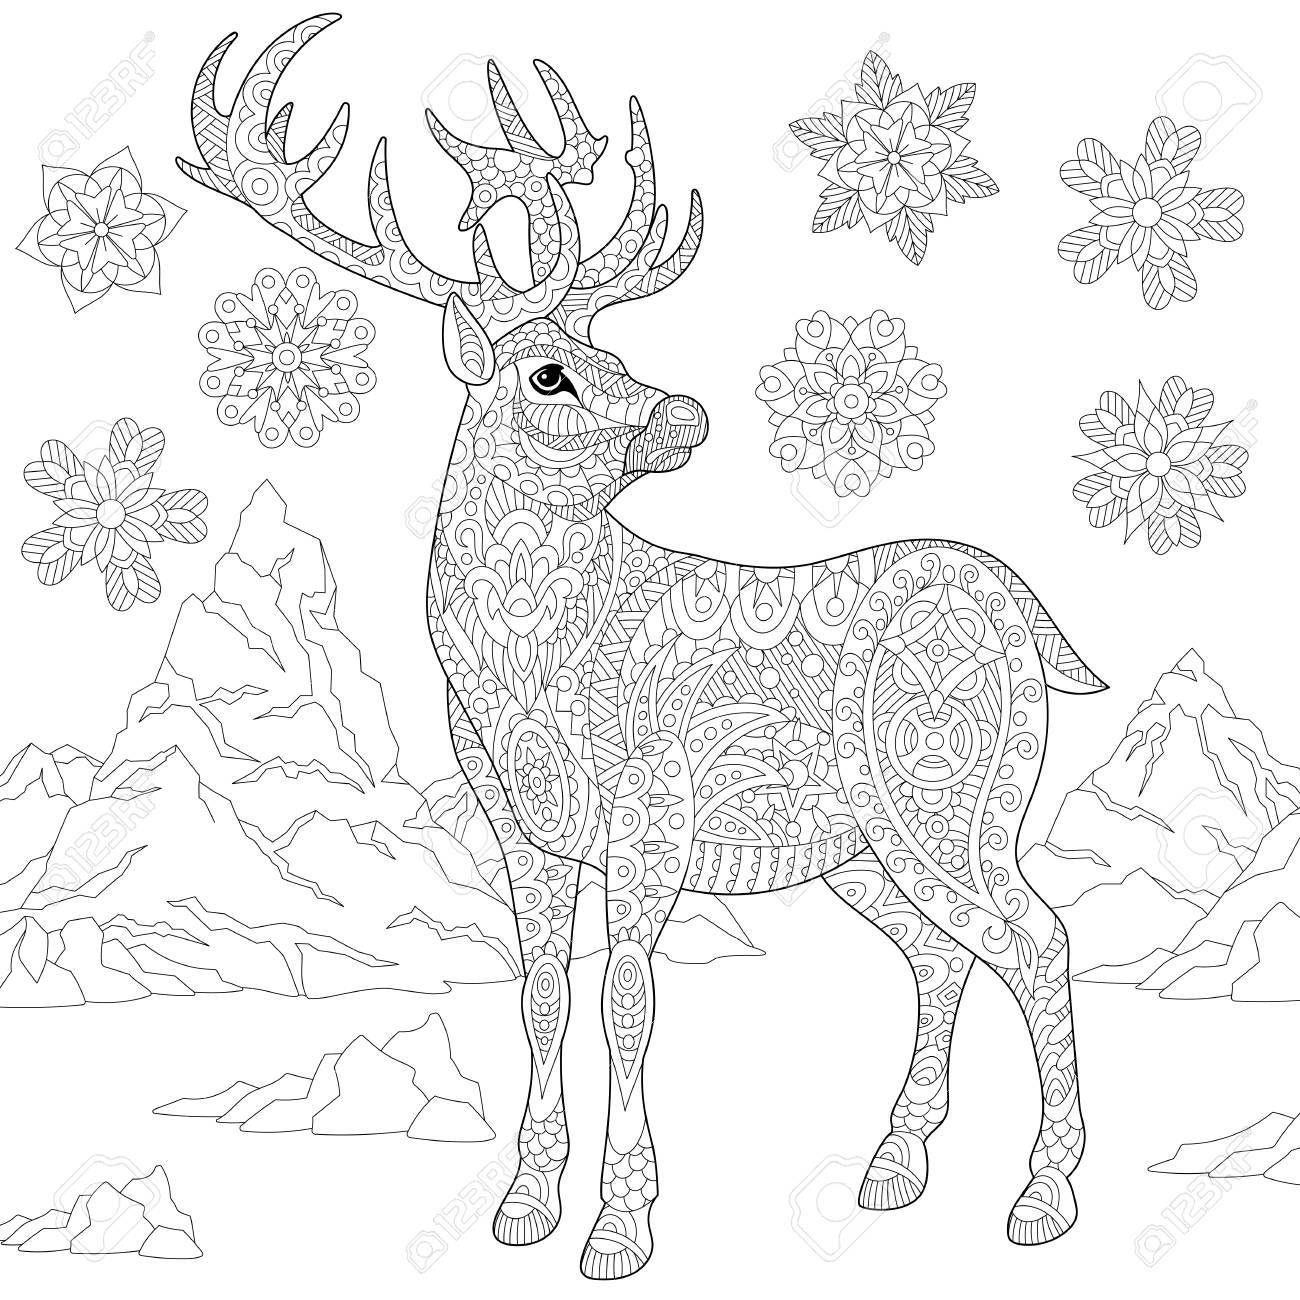 Malvorlage von Rentier und Winter Schneeflocken. Freihandskizzenzeichnung  für erwachsenes Antistressmalbuch in der zentangle Art mit